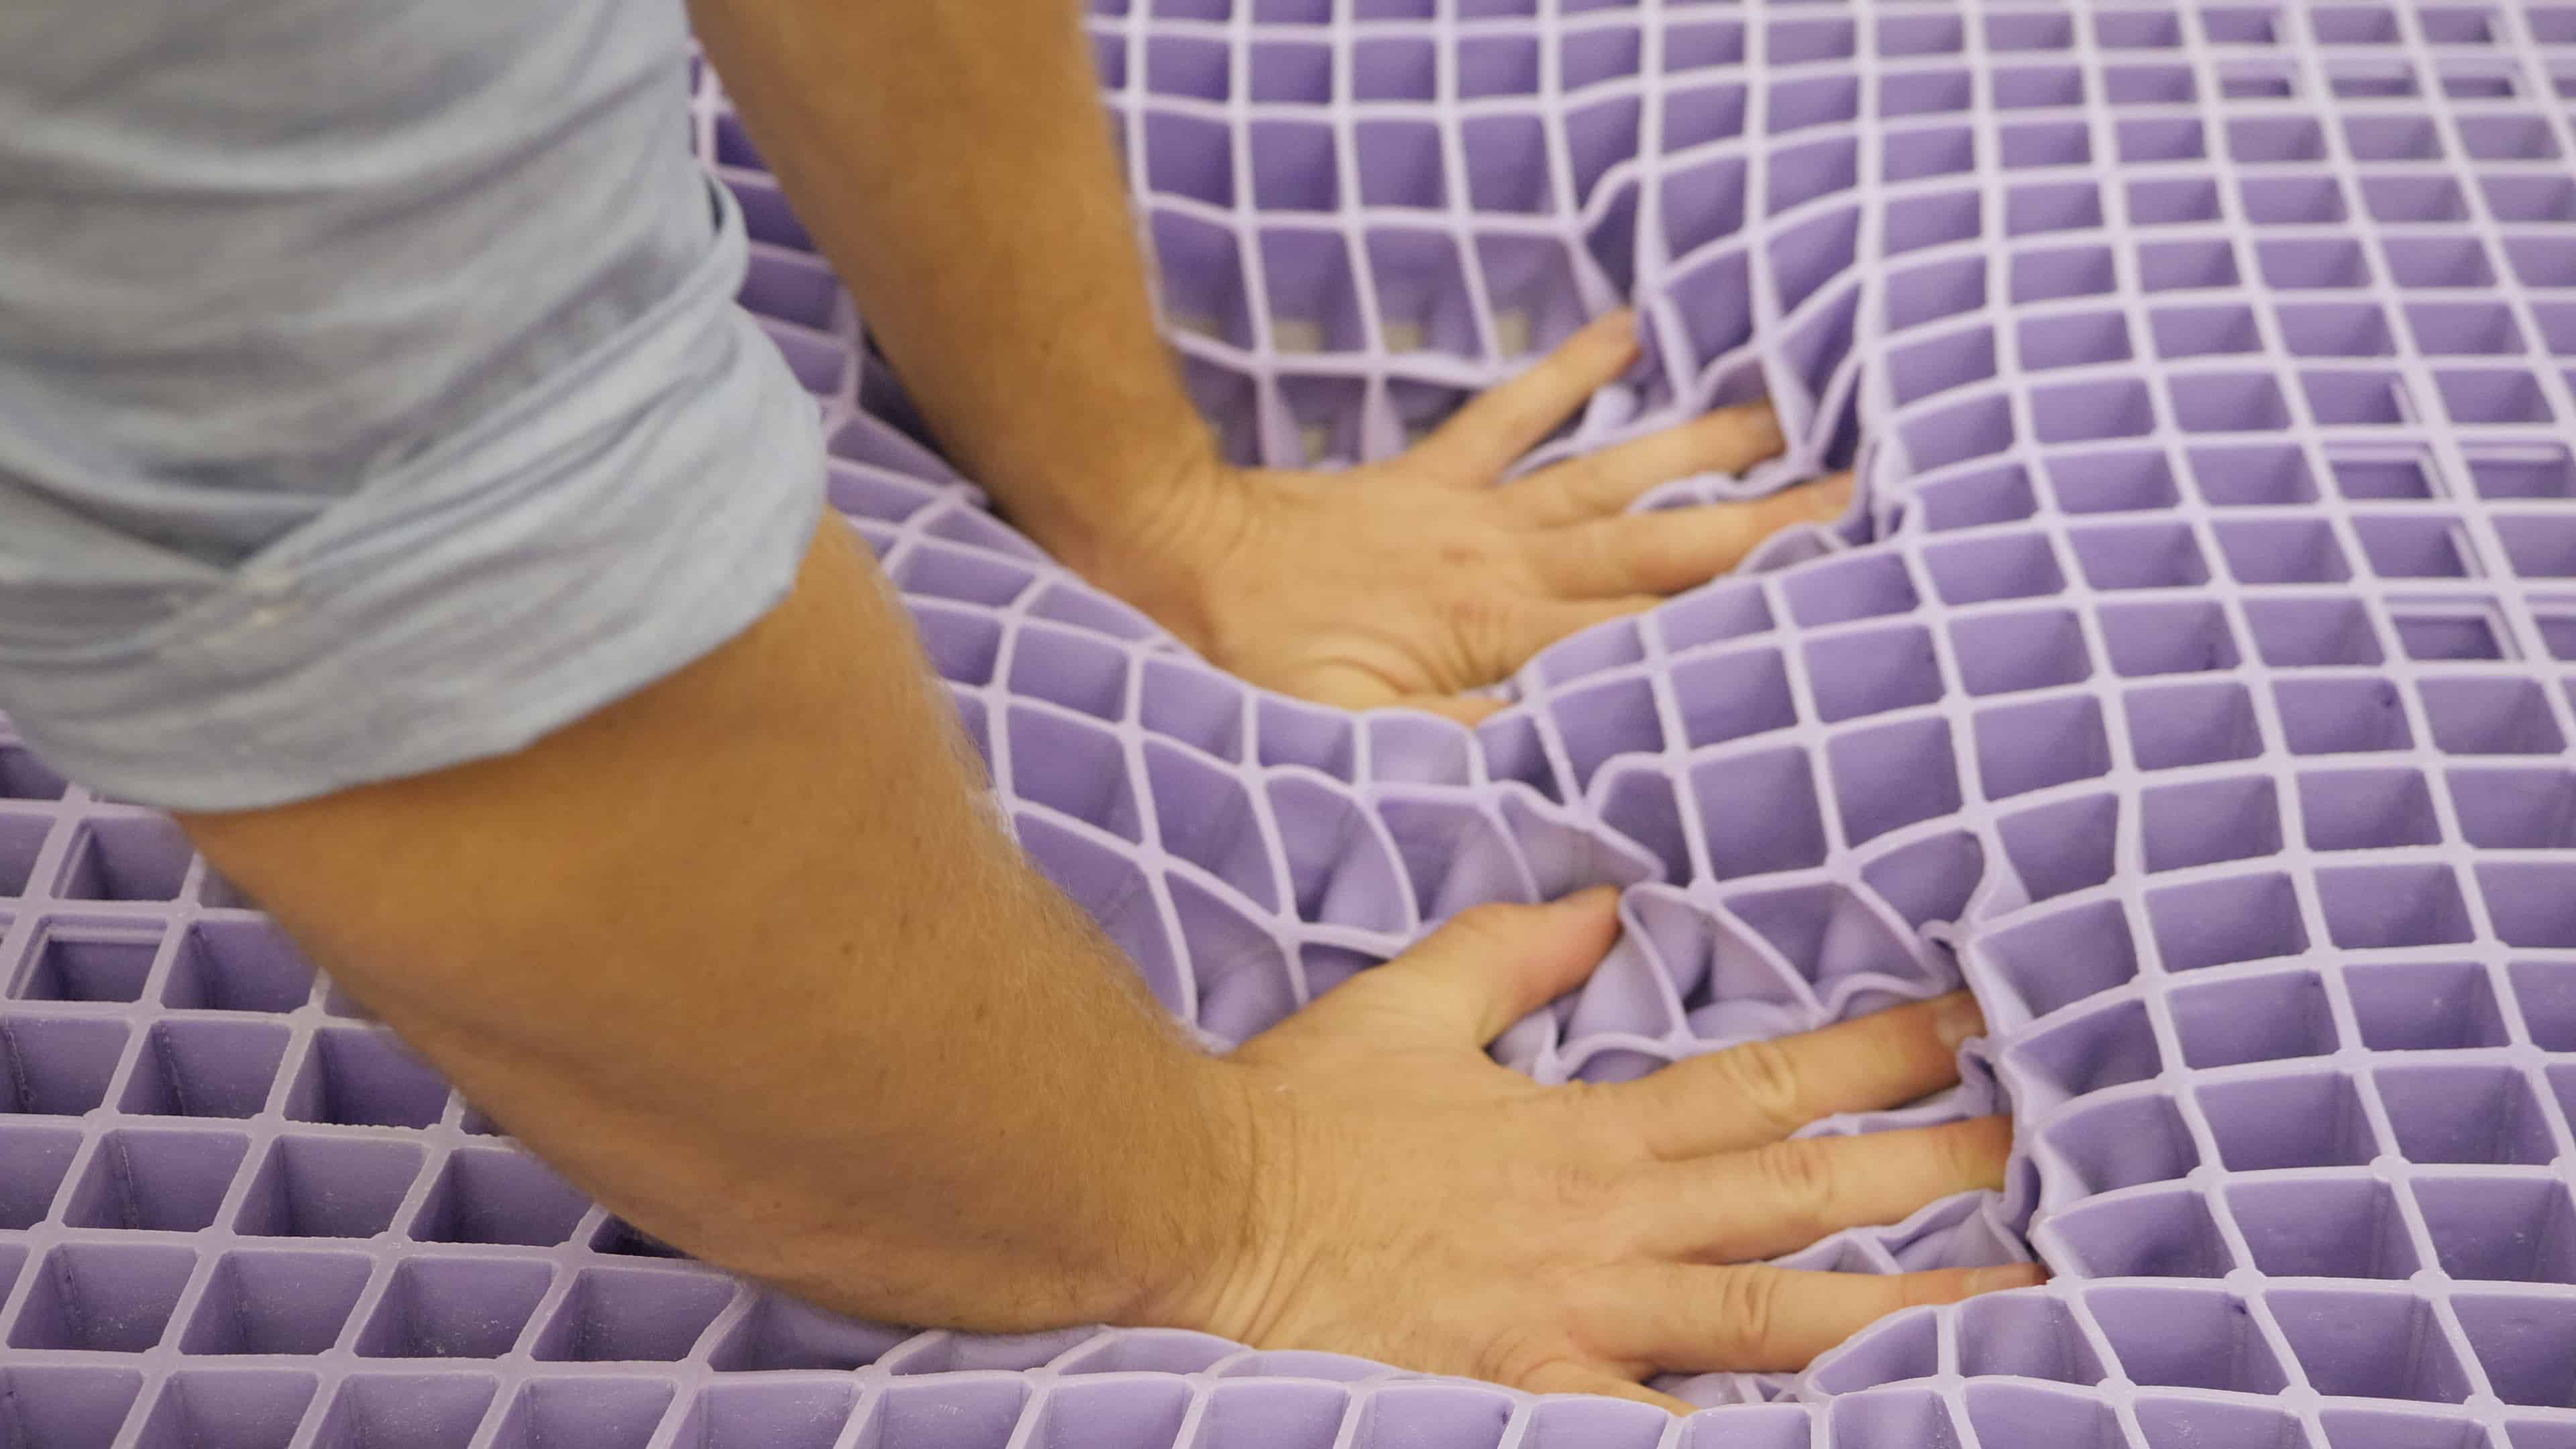 Purple Grid Press